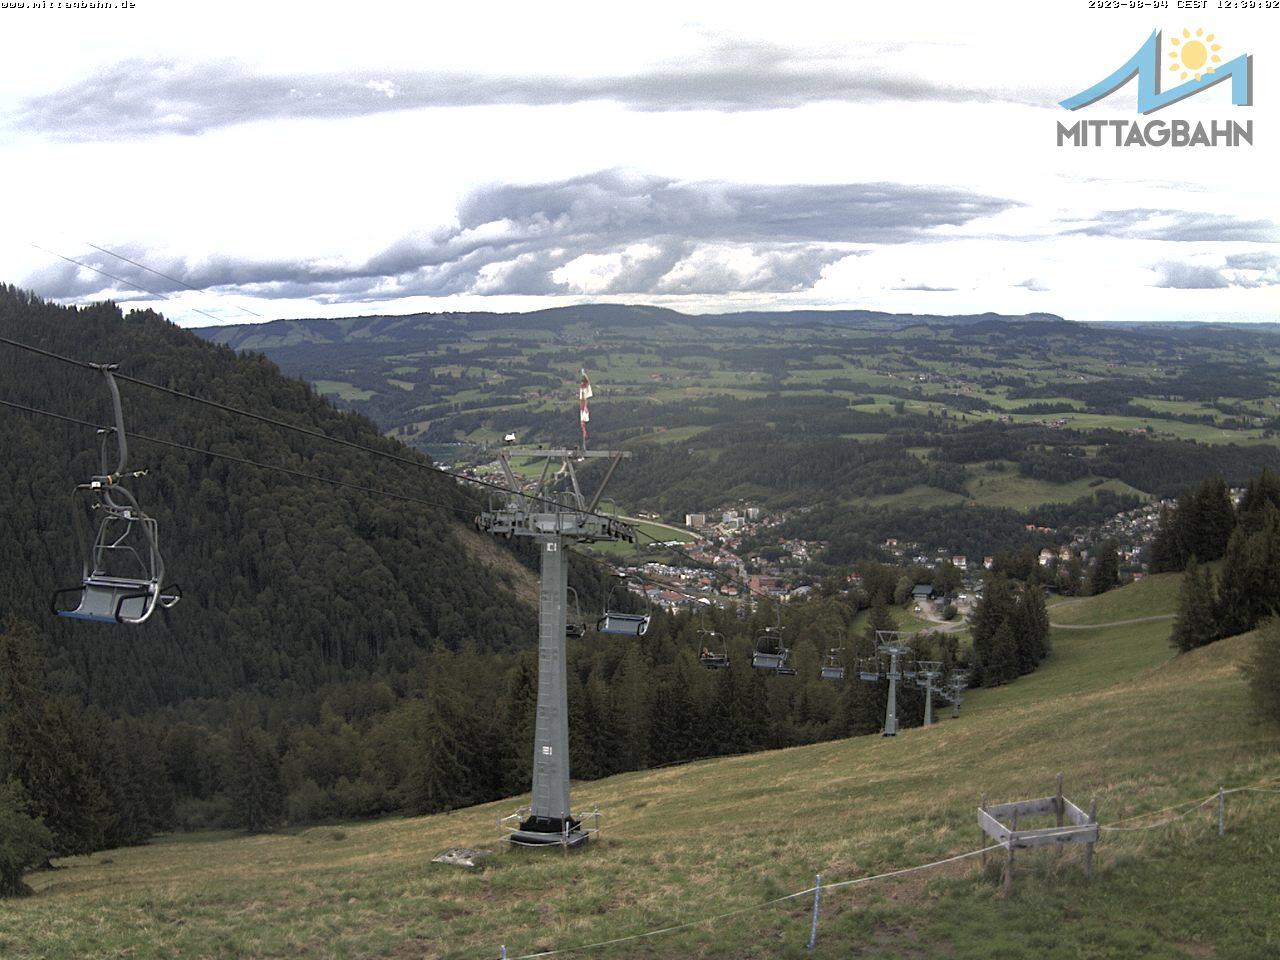 Webcam Skigebiet Immenstadt - Mittag cam 8 - Allgäu